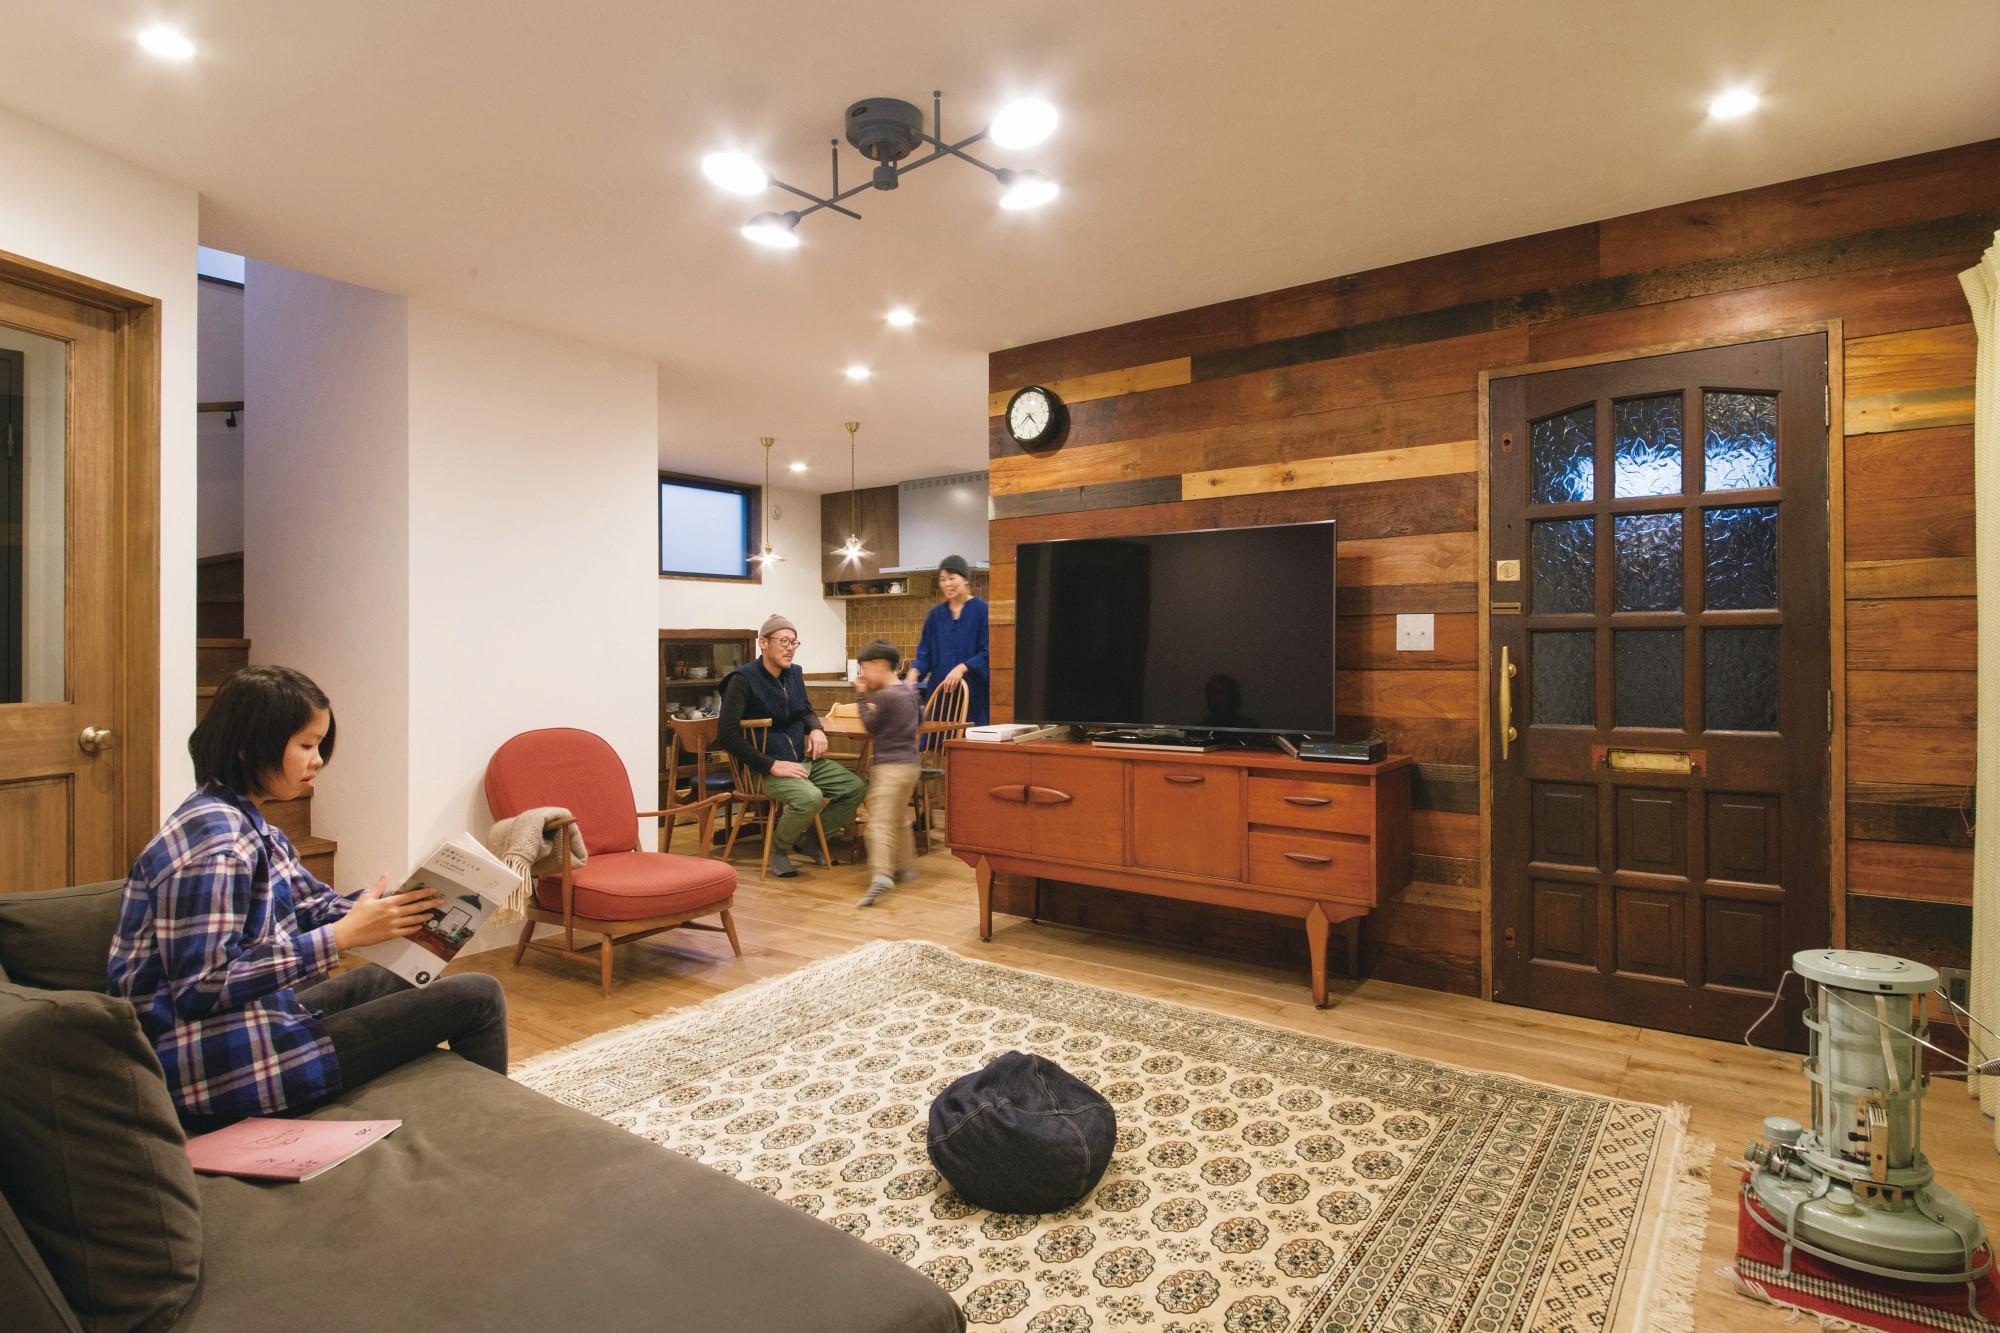 CLASSICA HOME/クラシカホーム【デザイン住宅、自然素材、インテリア】古材壁のLDK。テレビ裏の壁には、本物の古材を貼った。イギリスの古いドアやサイドボード、ソファや時計、照明など、すべてがハイセンス!